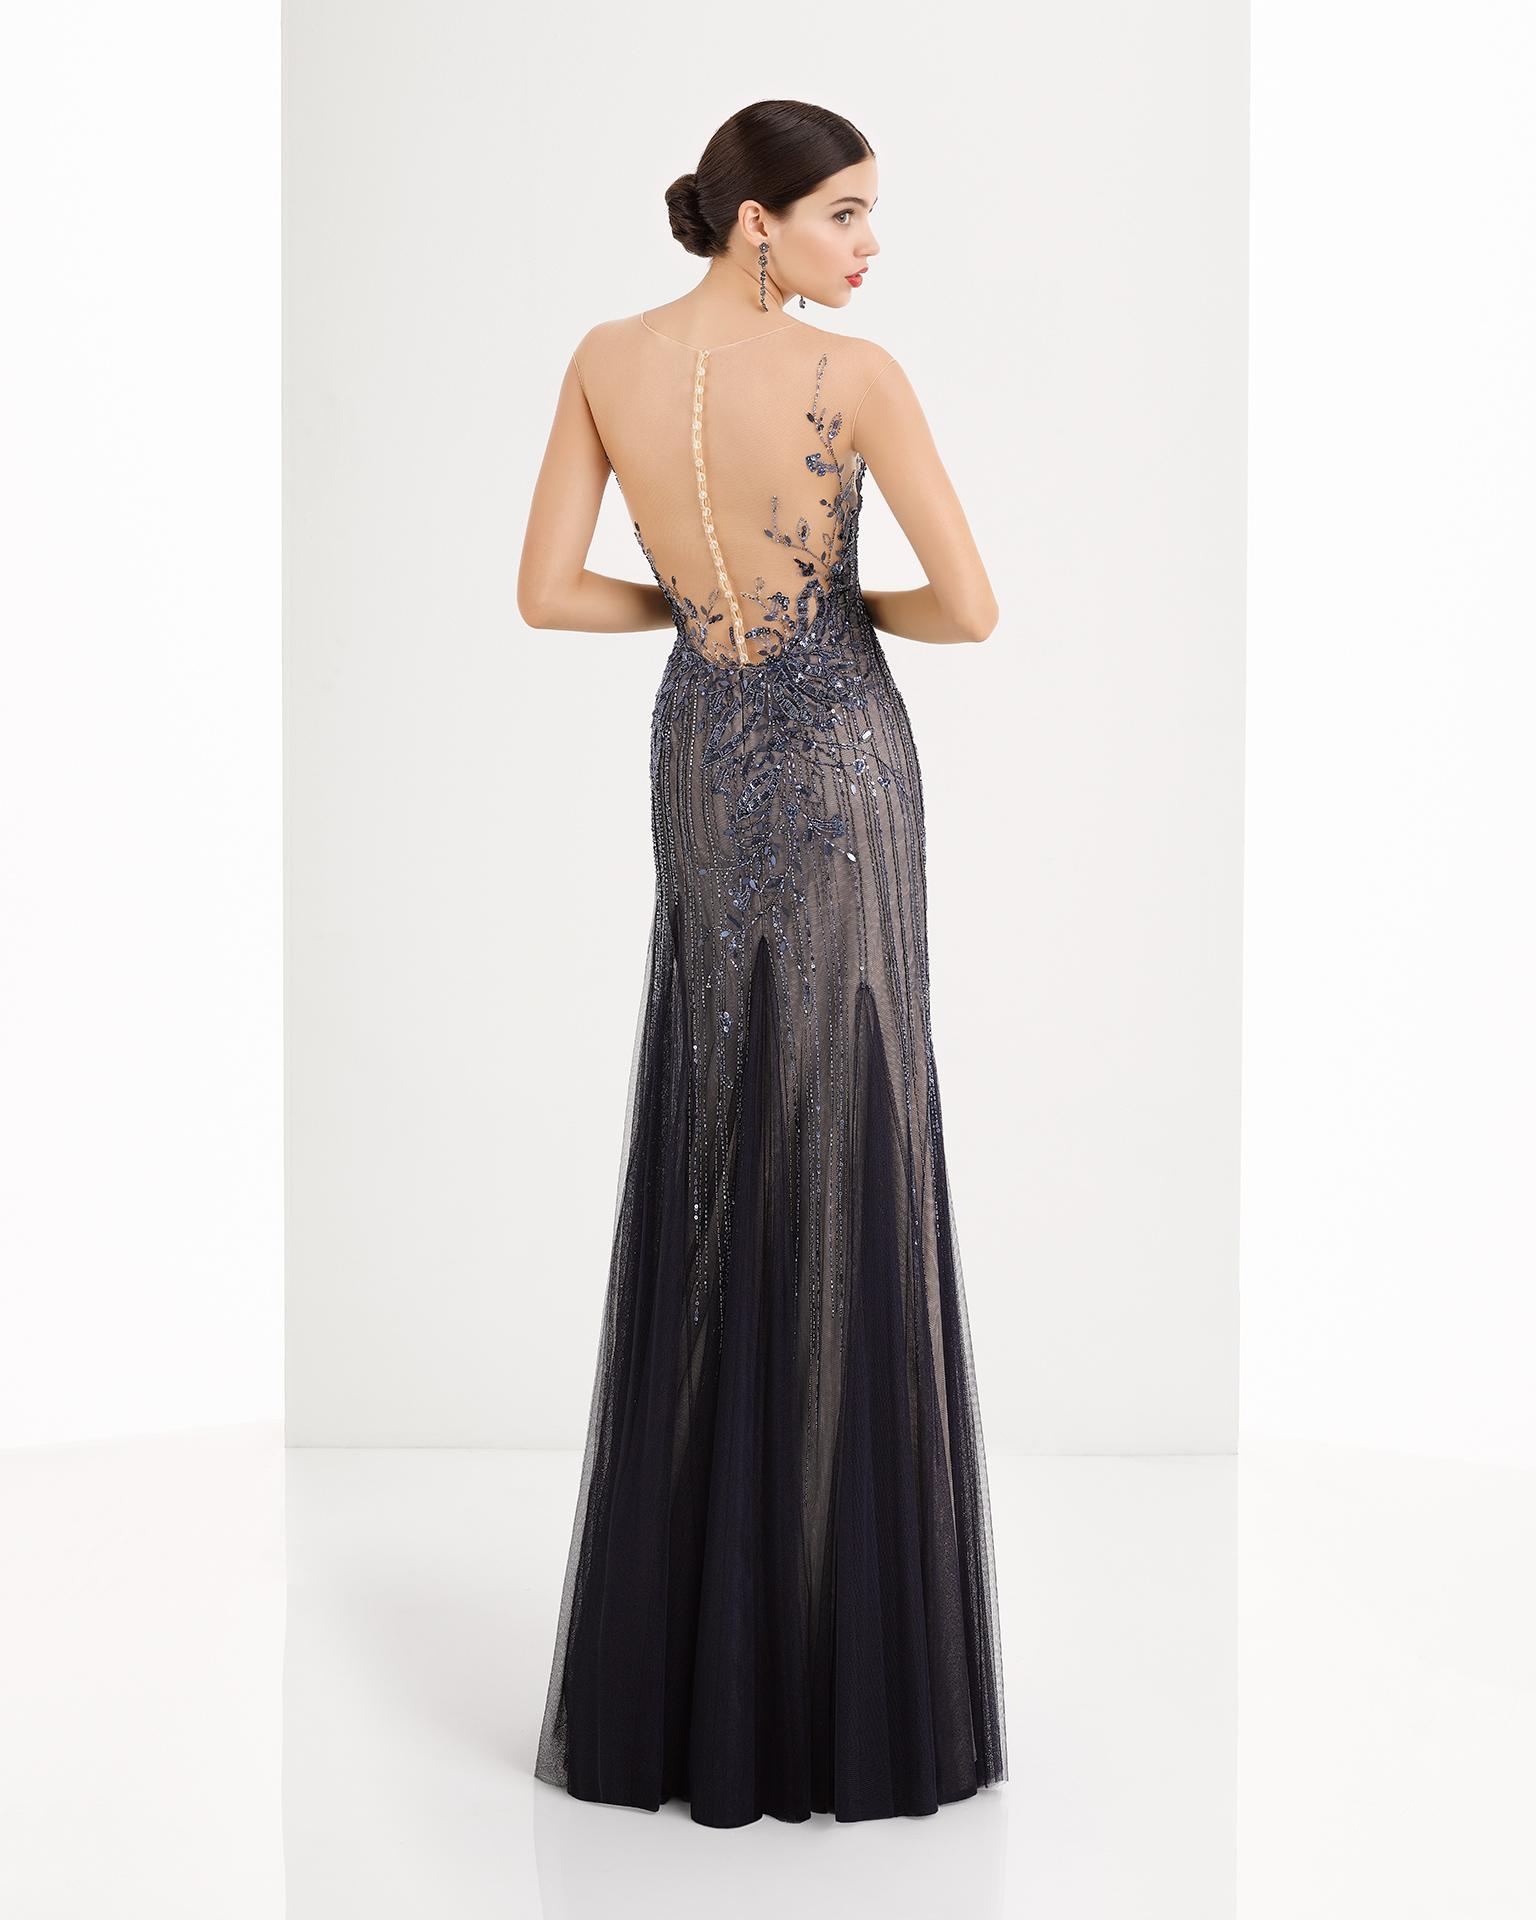 Vestidos de noche con espalda descubierta 2018